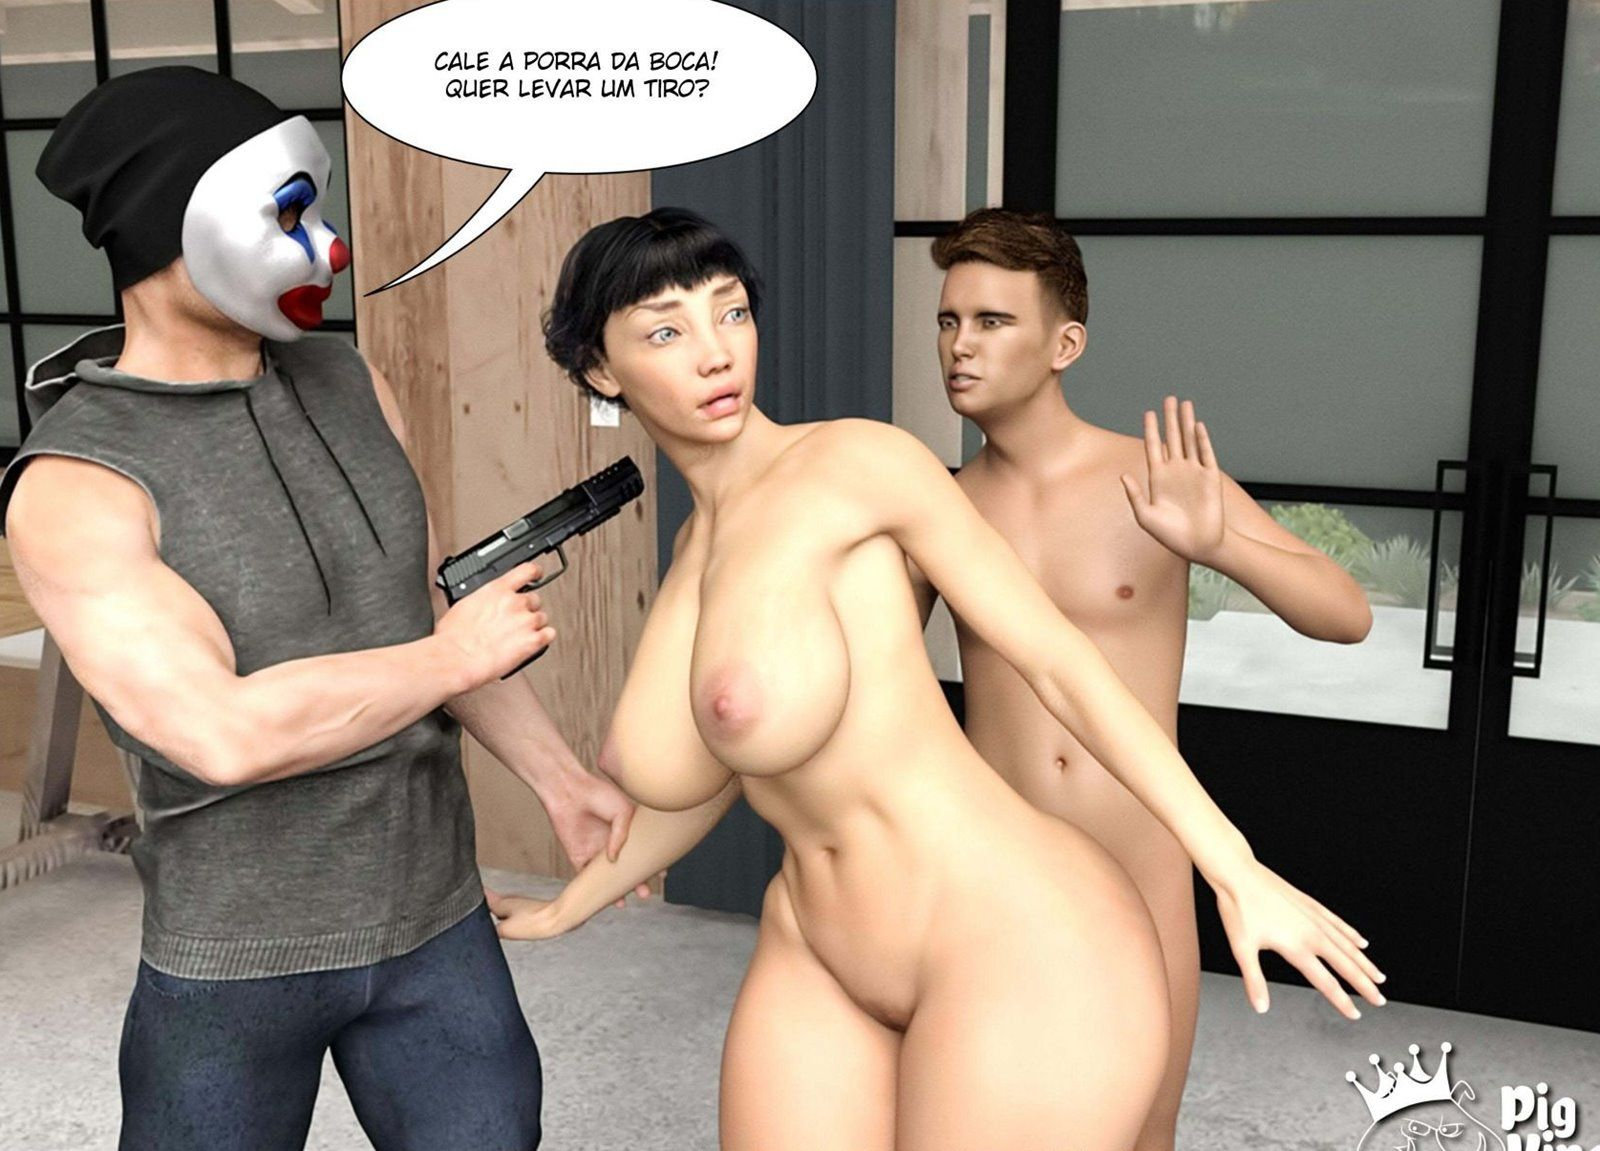 quadrinhos eróticos sem saída 41